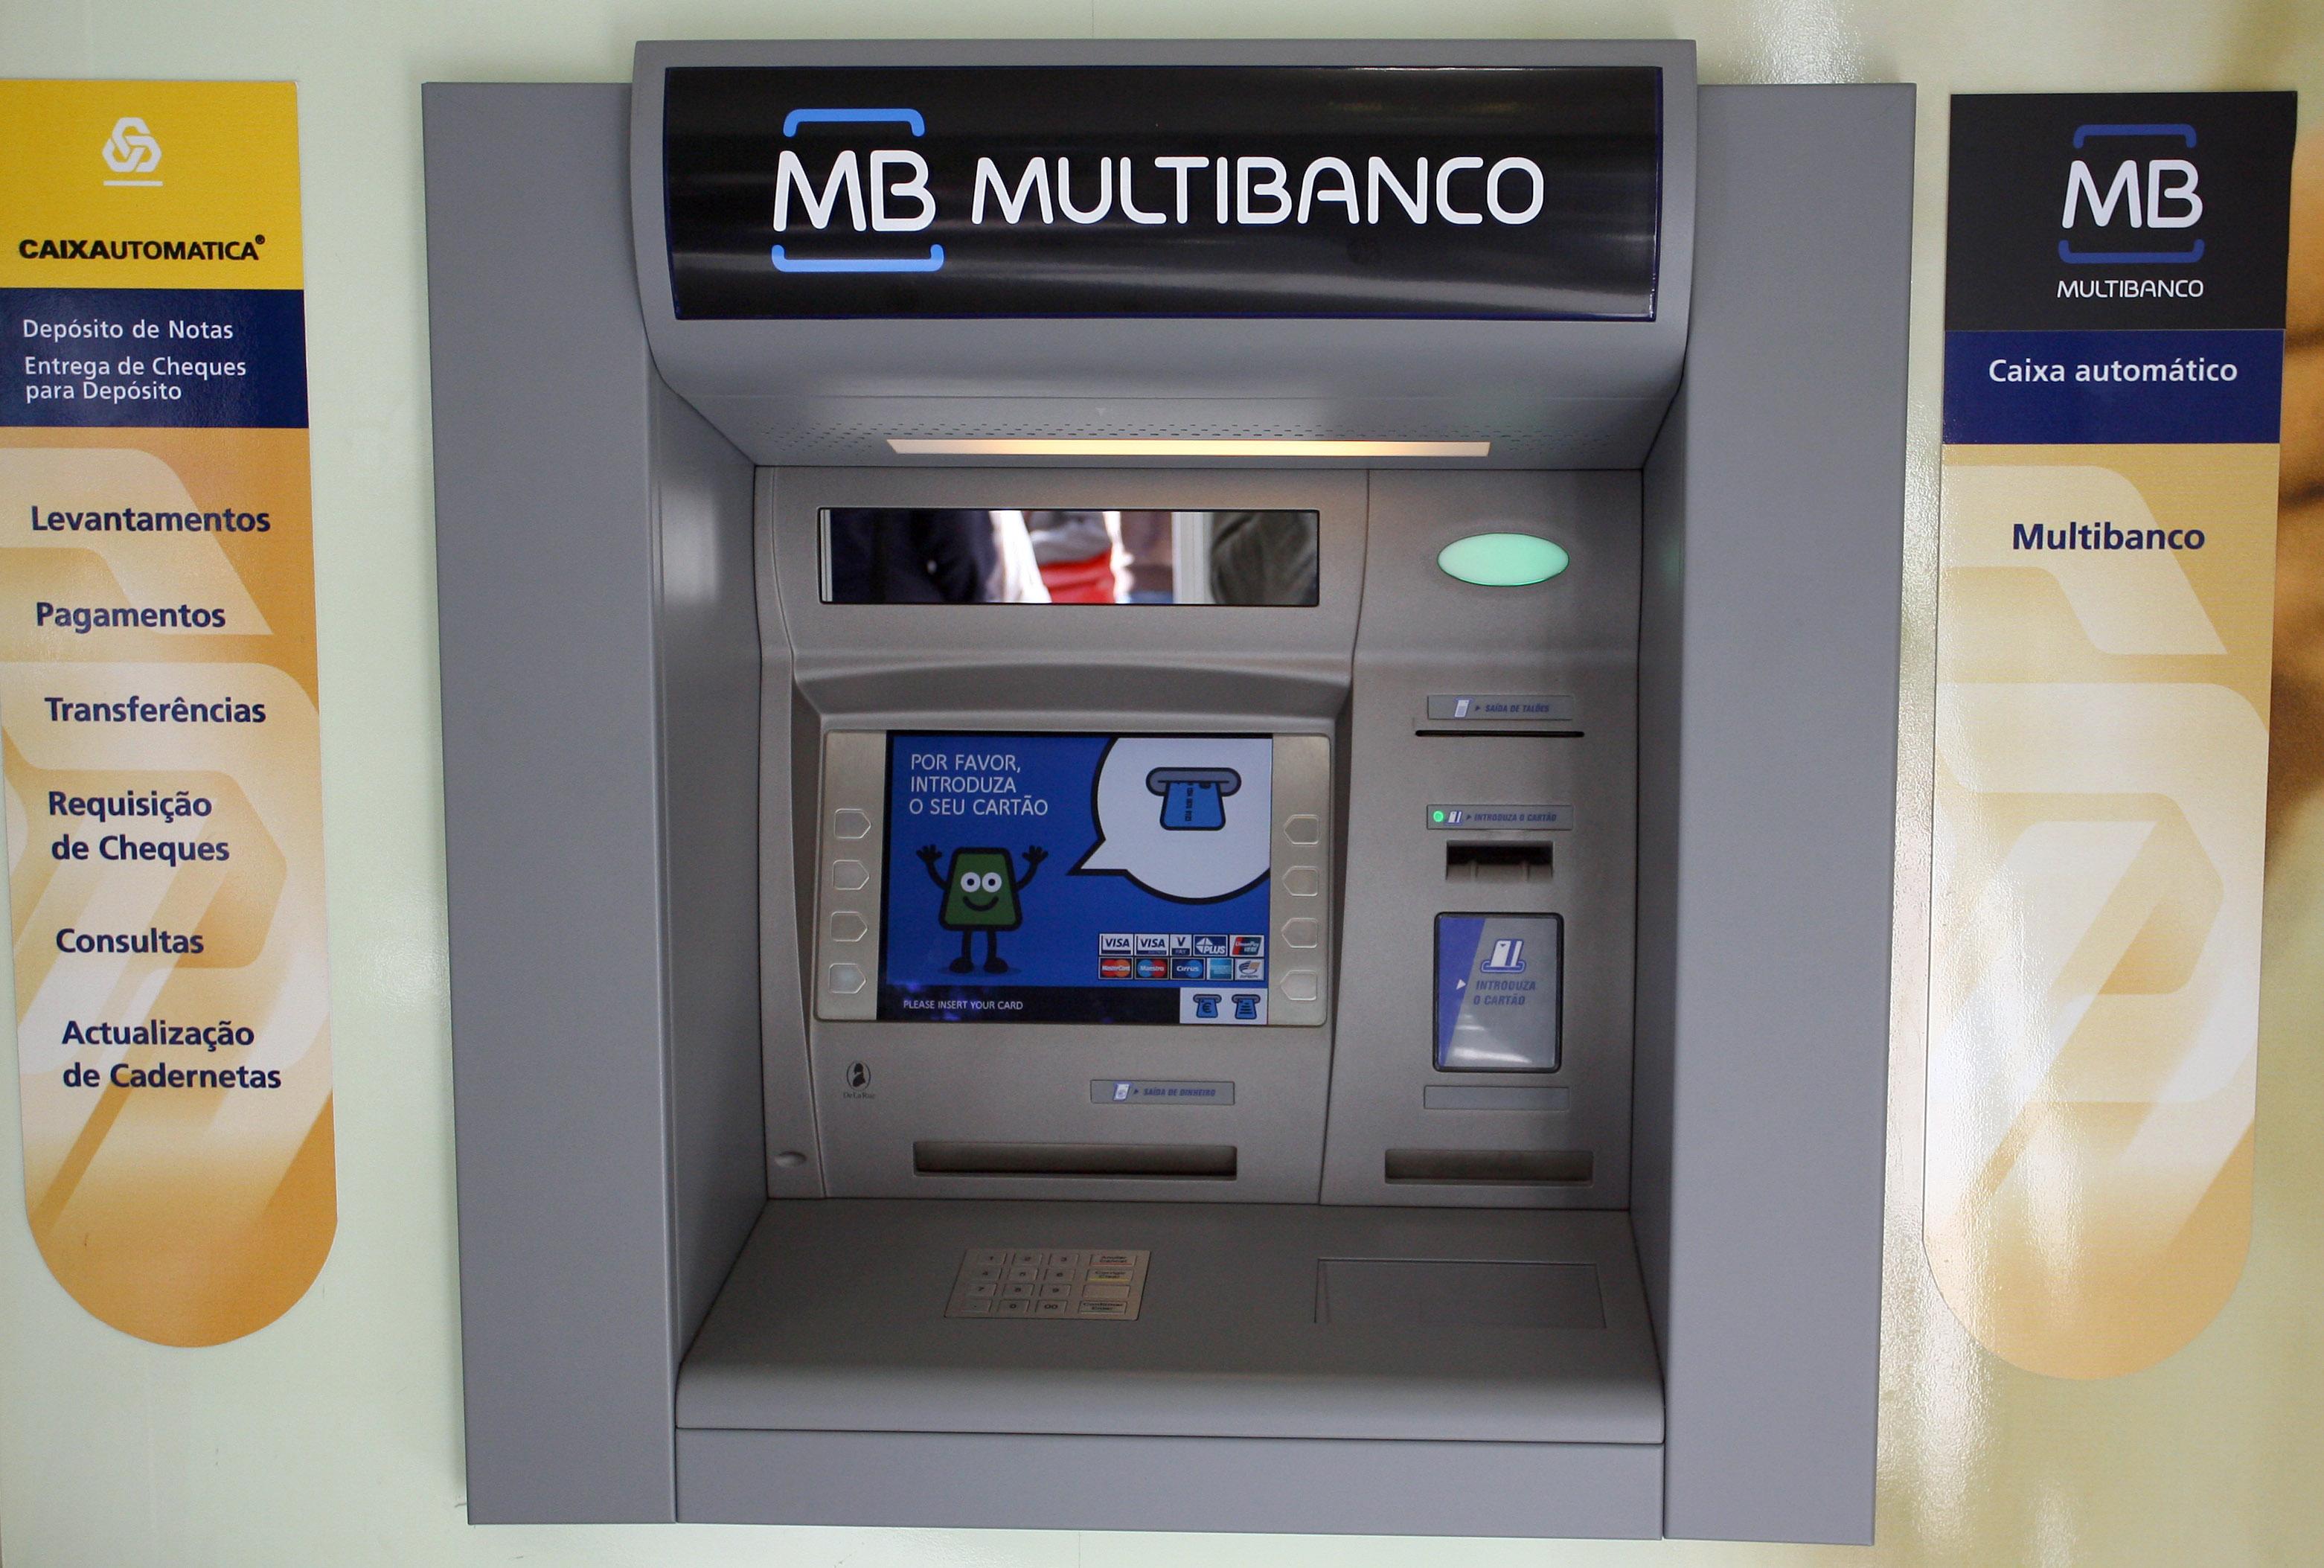 Confuso com as opções que aparecem nos terminais de multibanco? A Deco explica